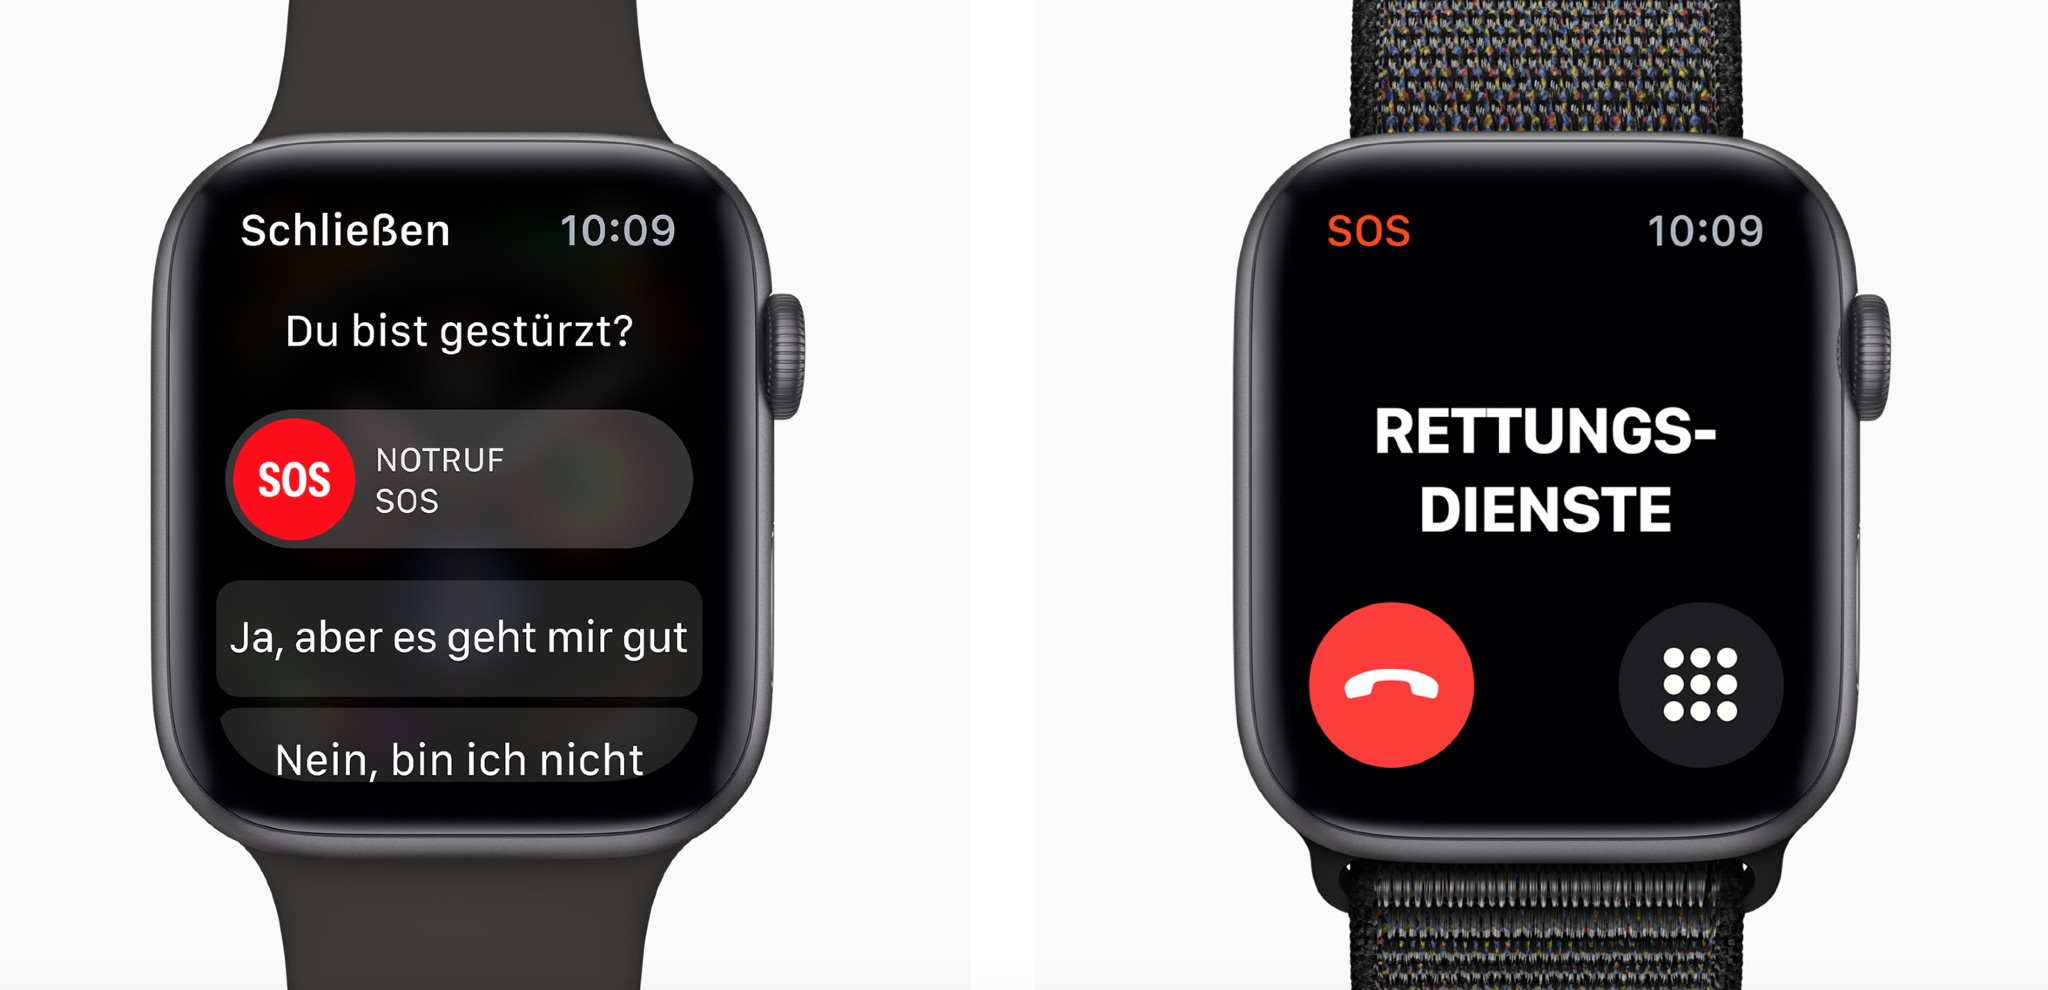 Apple Watch: Sturzerkennung alarmiert Rettungskräfte nach Mountainbike-Unfall › Macerkopf